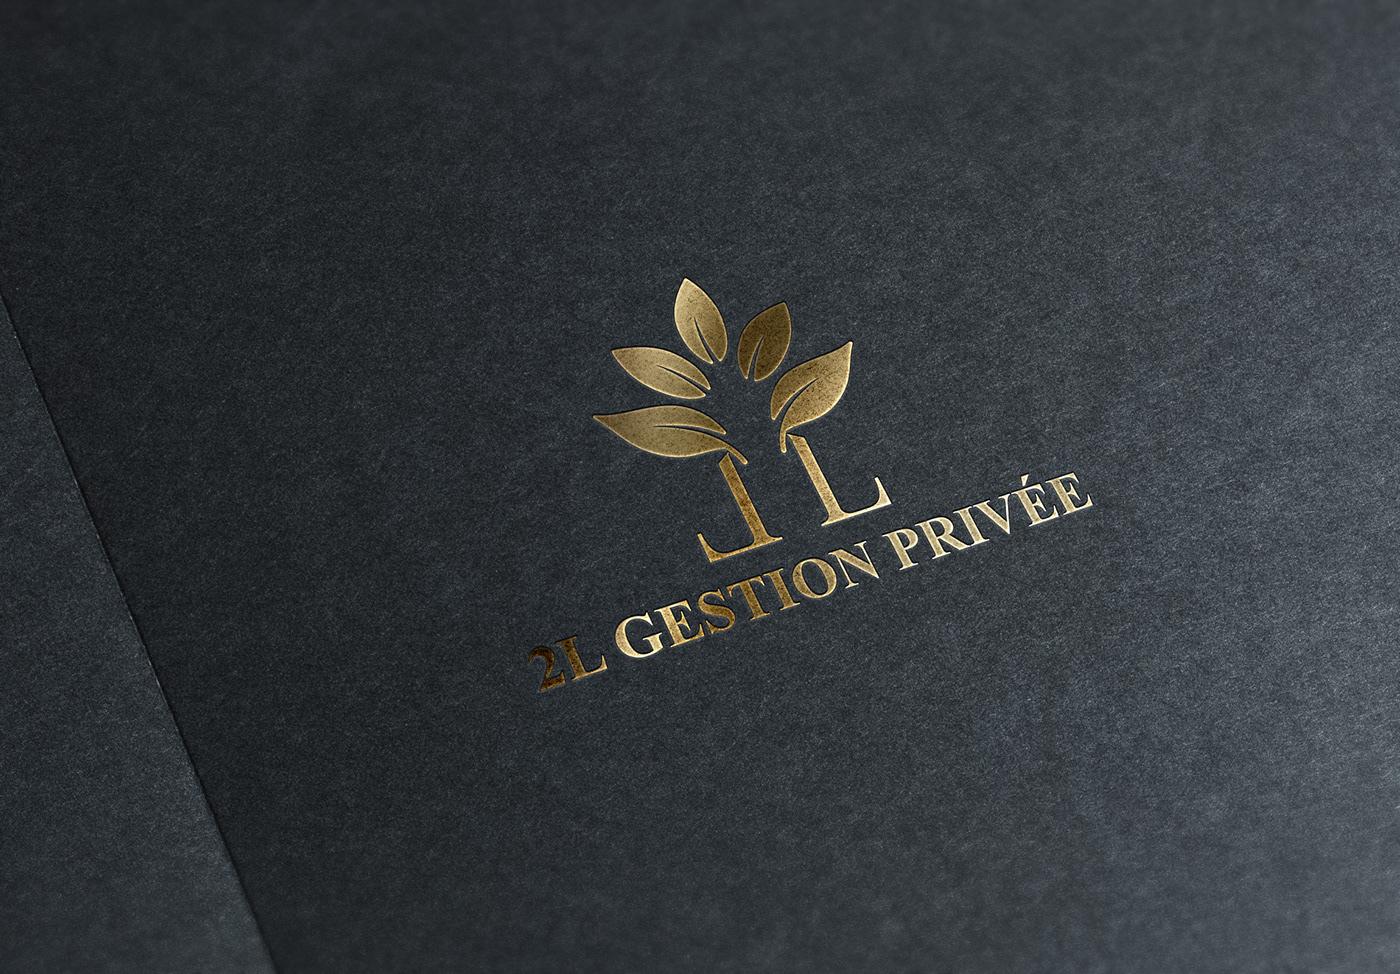 logo Logotype identité visuelle branding  pattrimoine assurance Courtier dark